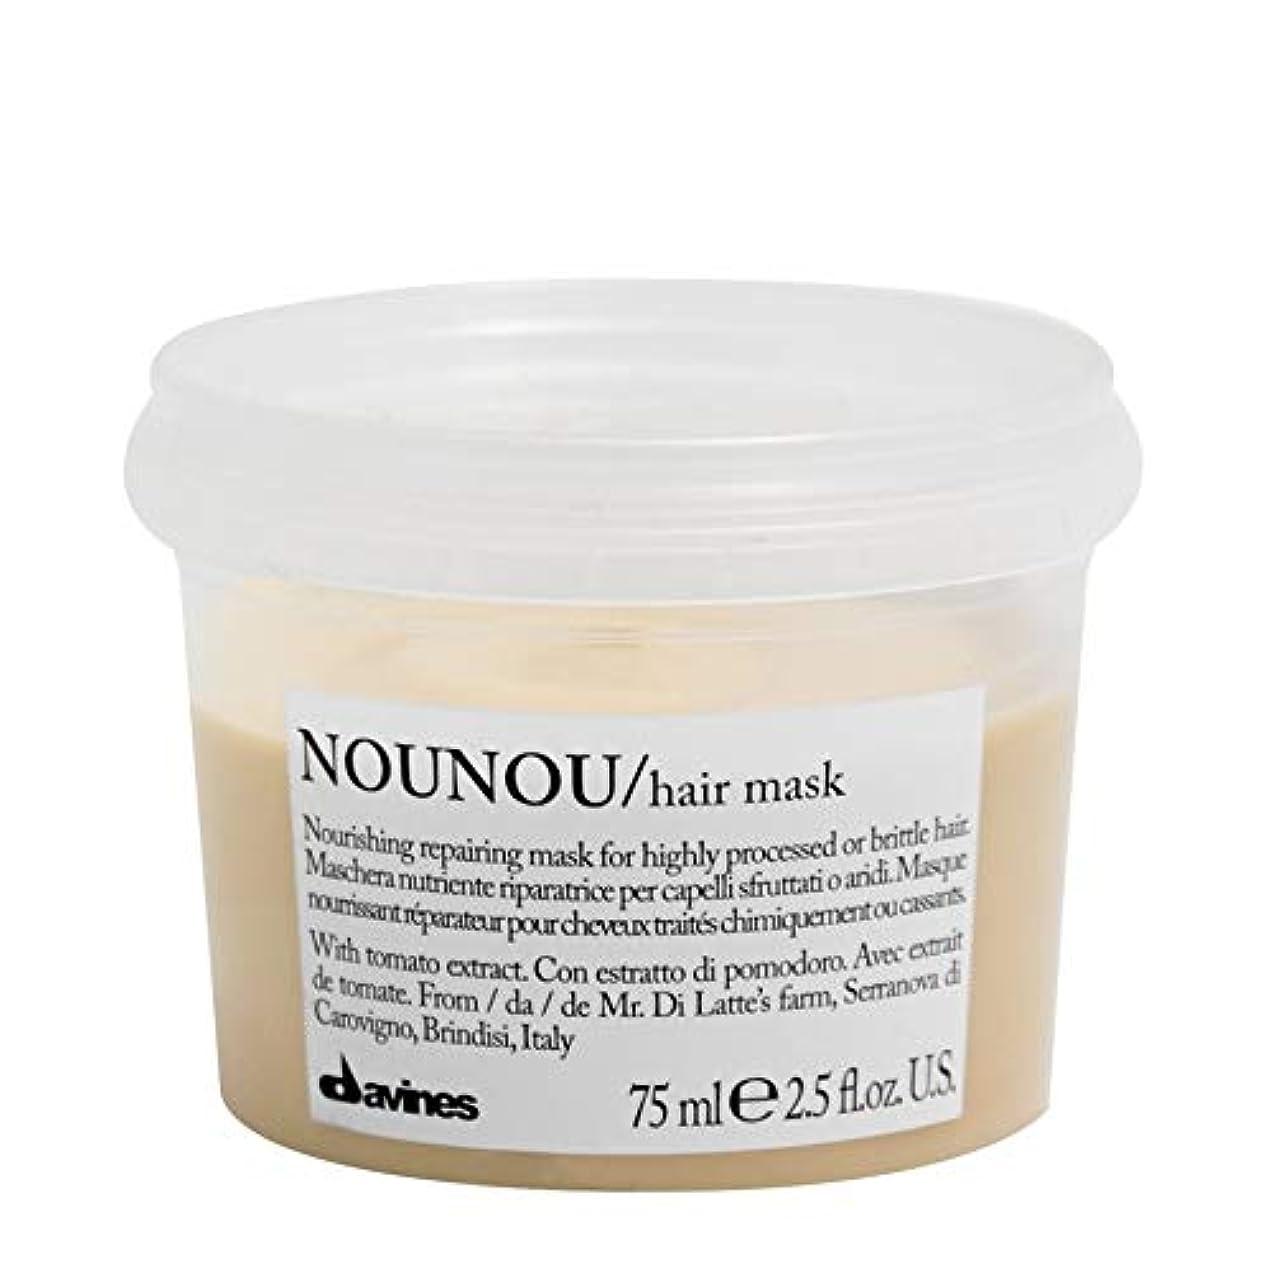 写真撮影免疫美人[Davines ] ヘアマスク75ミリリットルノウノウダヴィネス - Davines NouNou Hair Mask 75ml [並行輸入品]